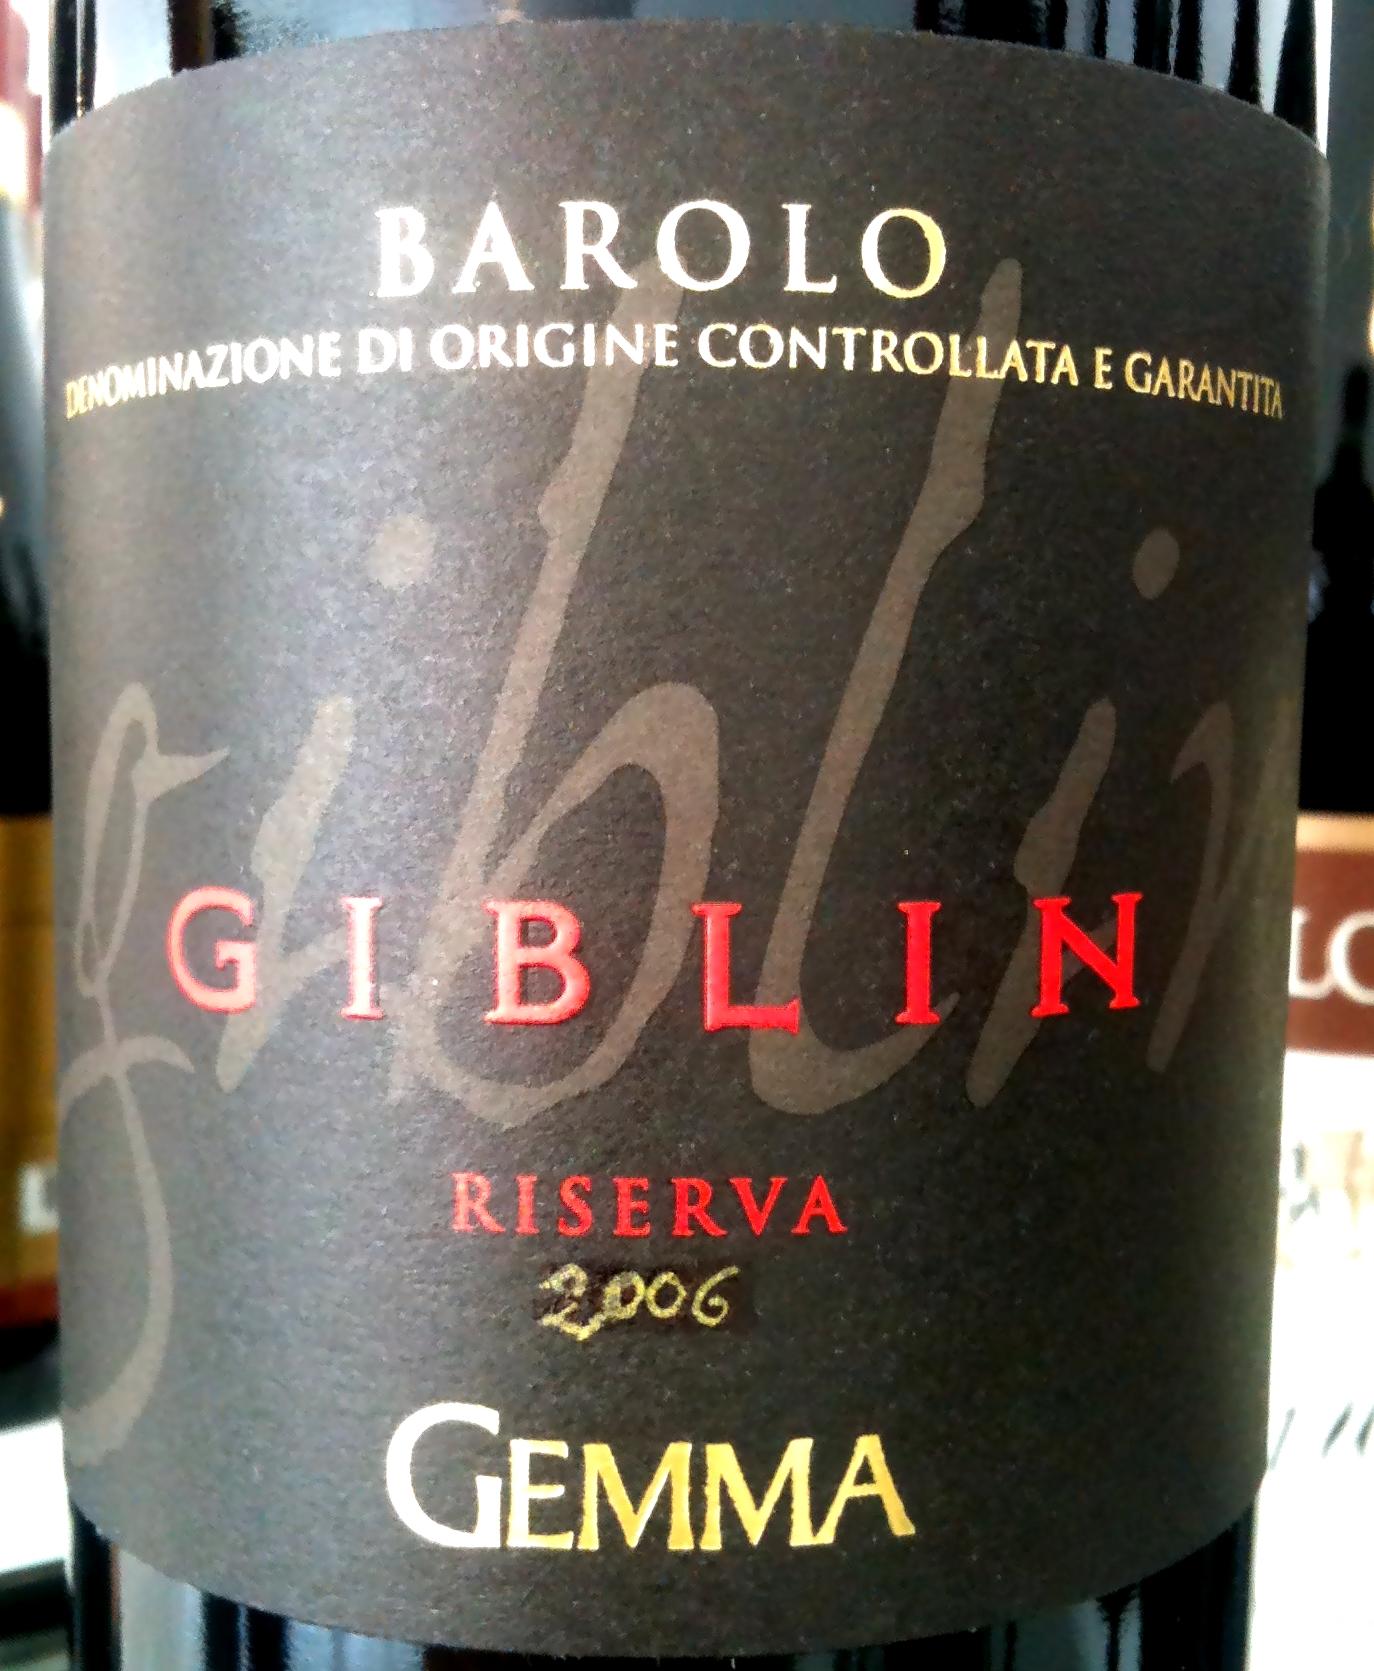 Gemma Barolo Riserva Giblin 2006